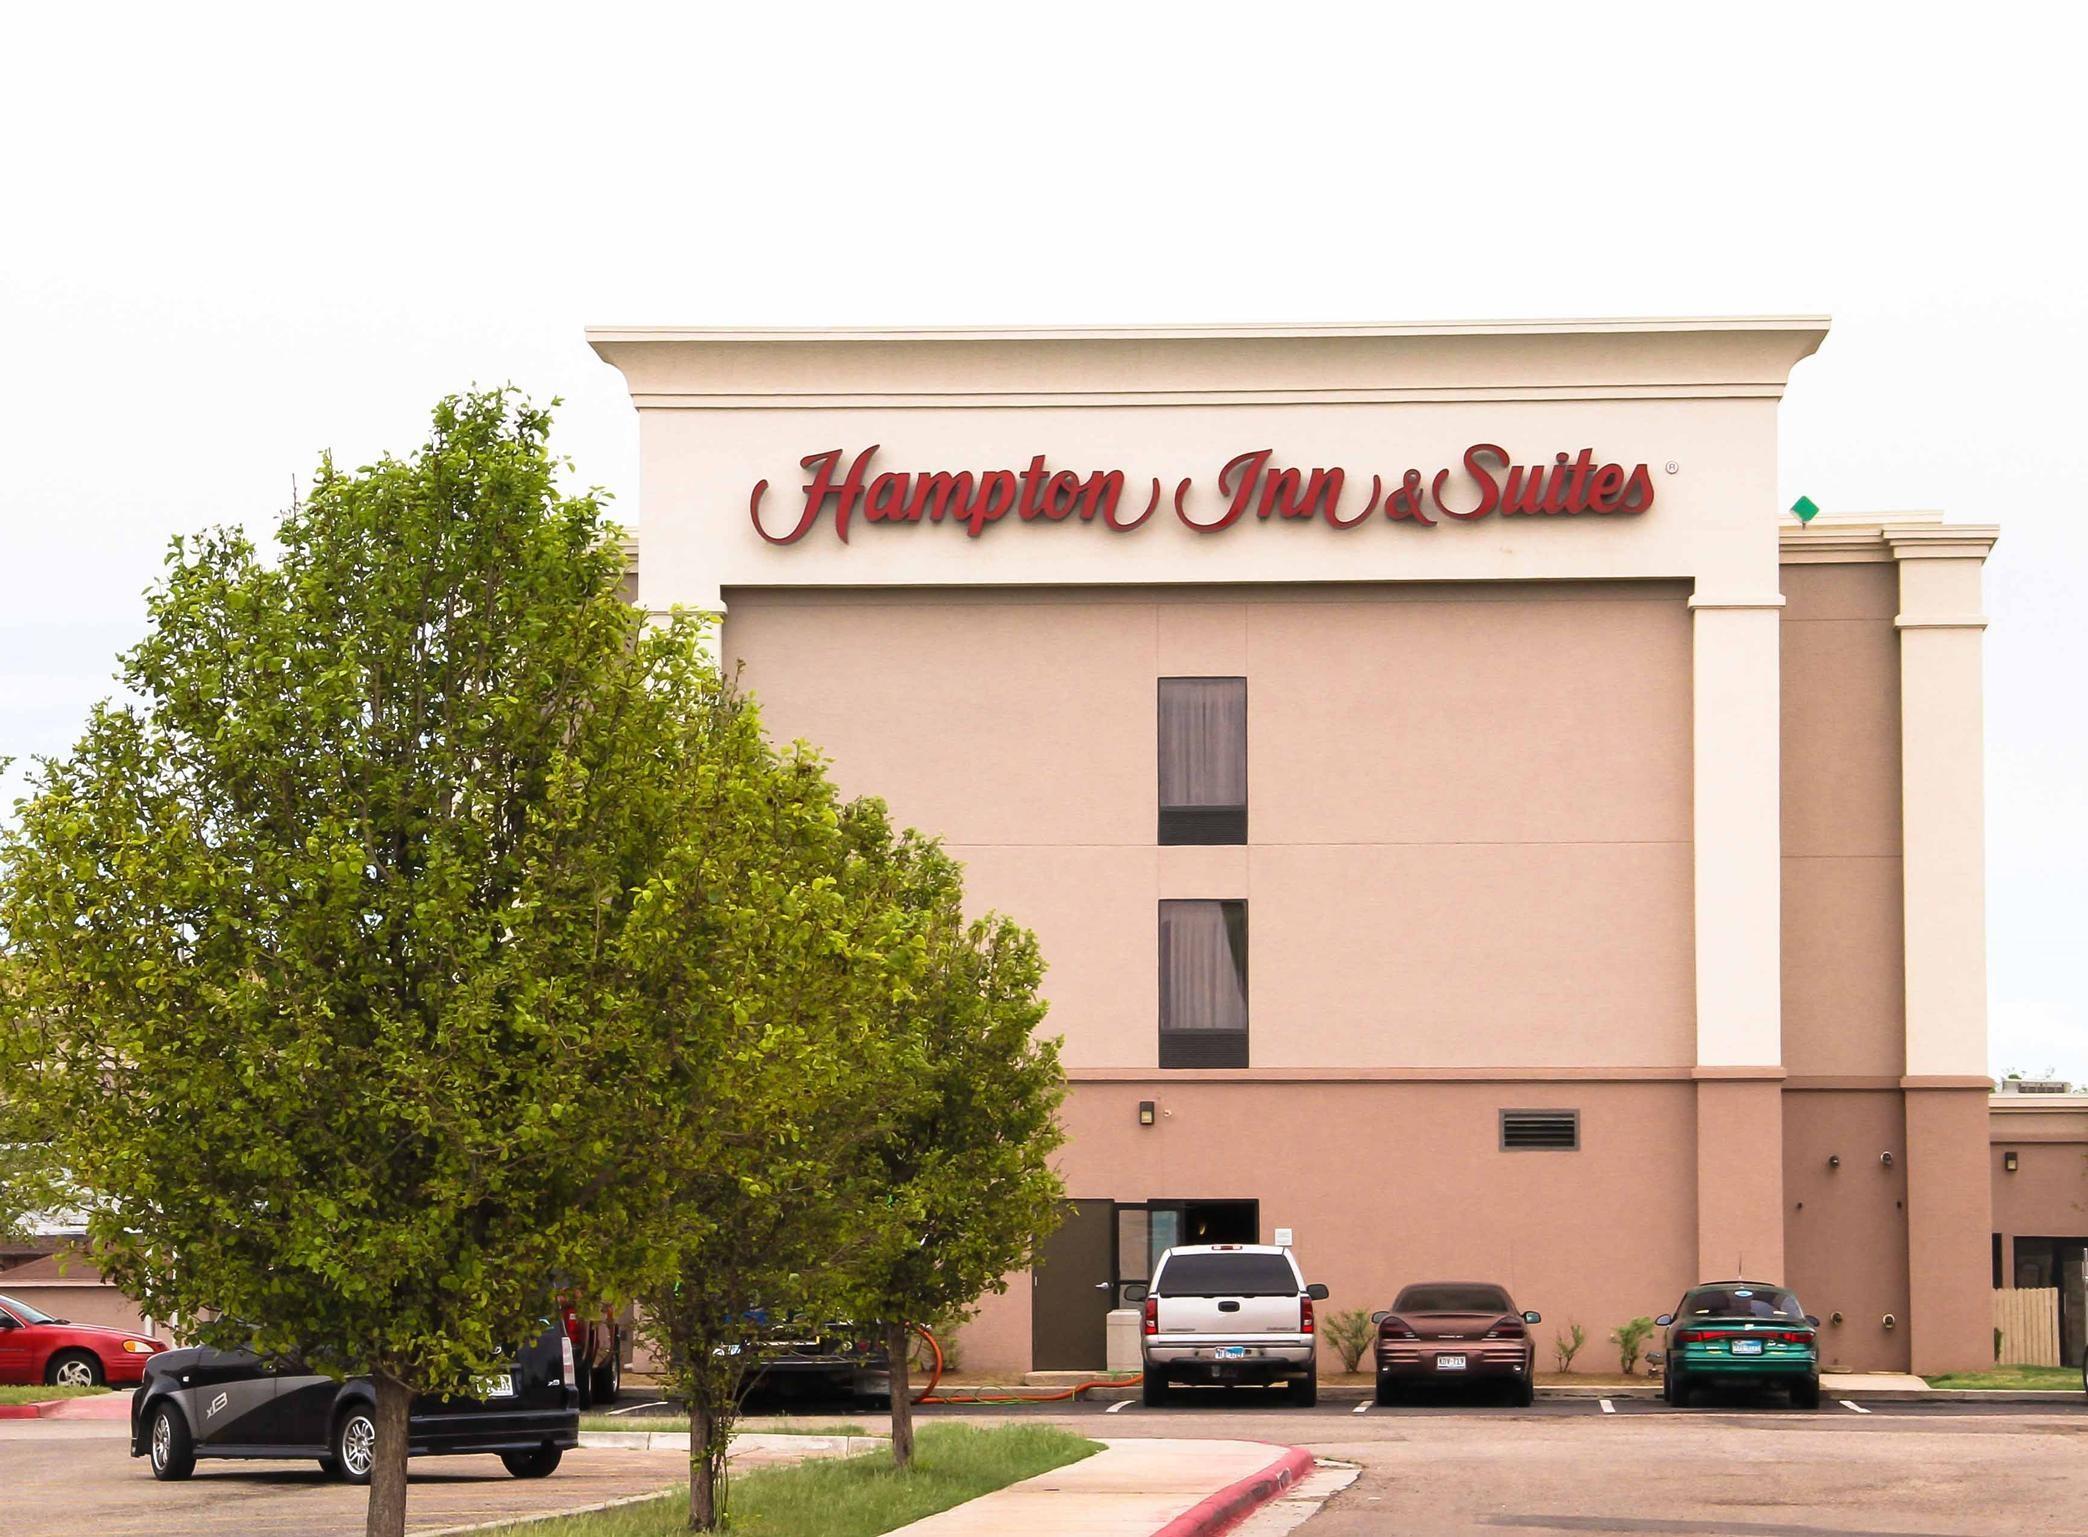 hampton inn suites amarillo west in amarillo tx 79106. Black Bedroom Furniture Sets. Home Design Ideas